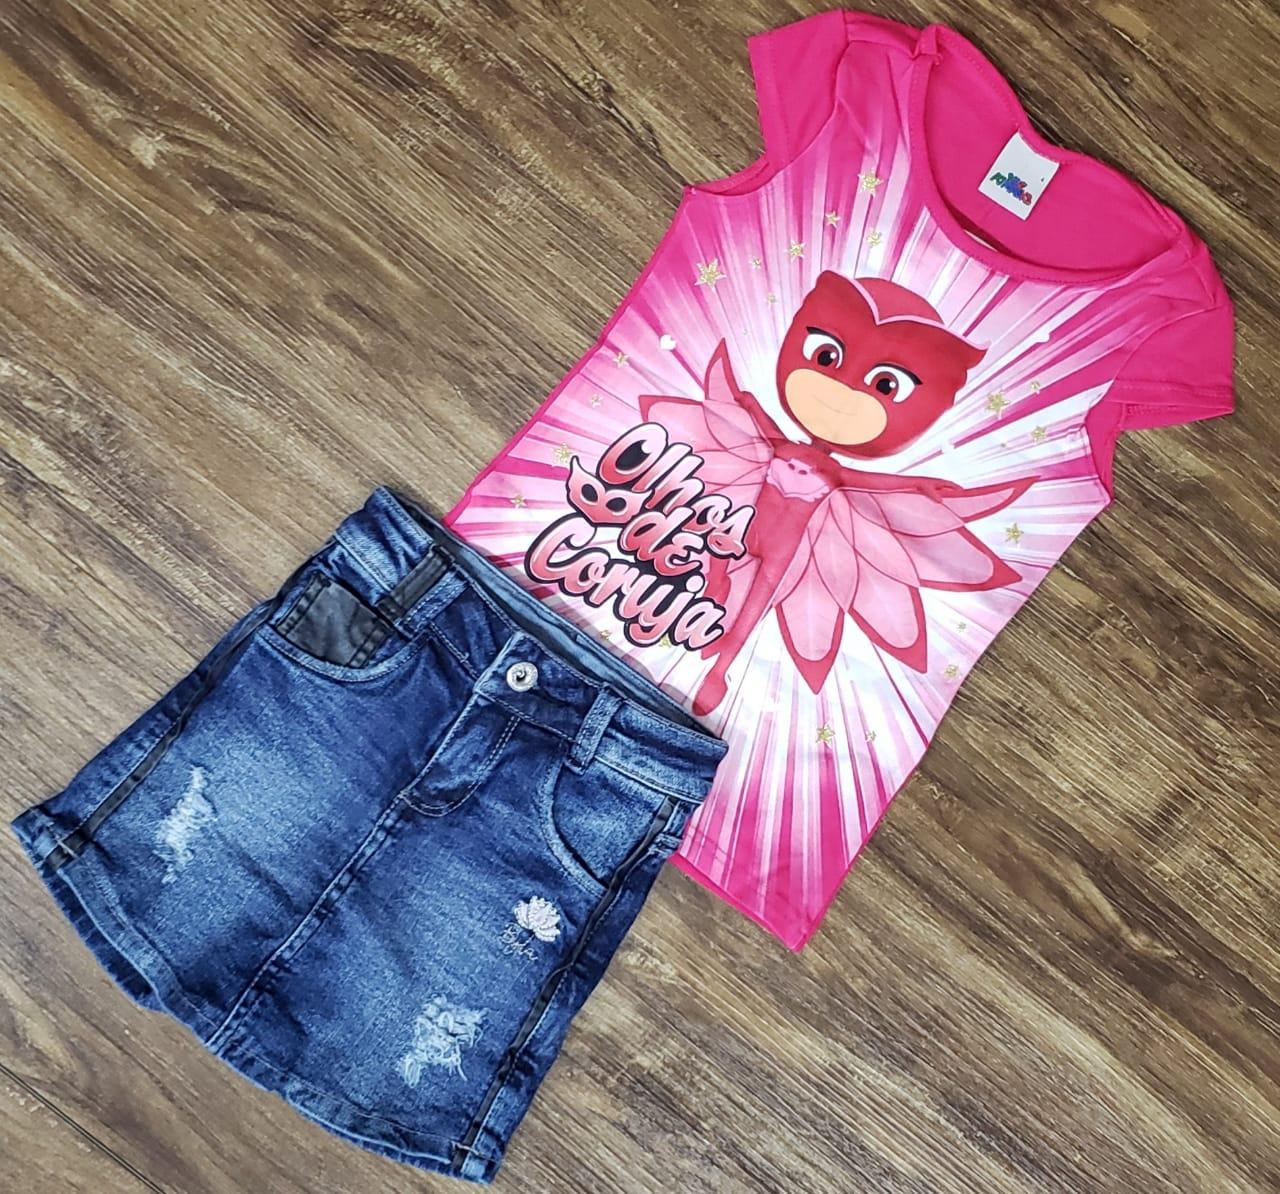 Shorts jeans Com Blusa Pj Masks